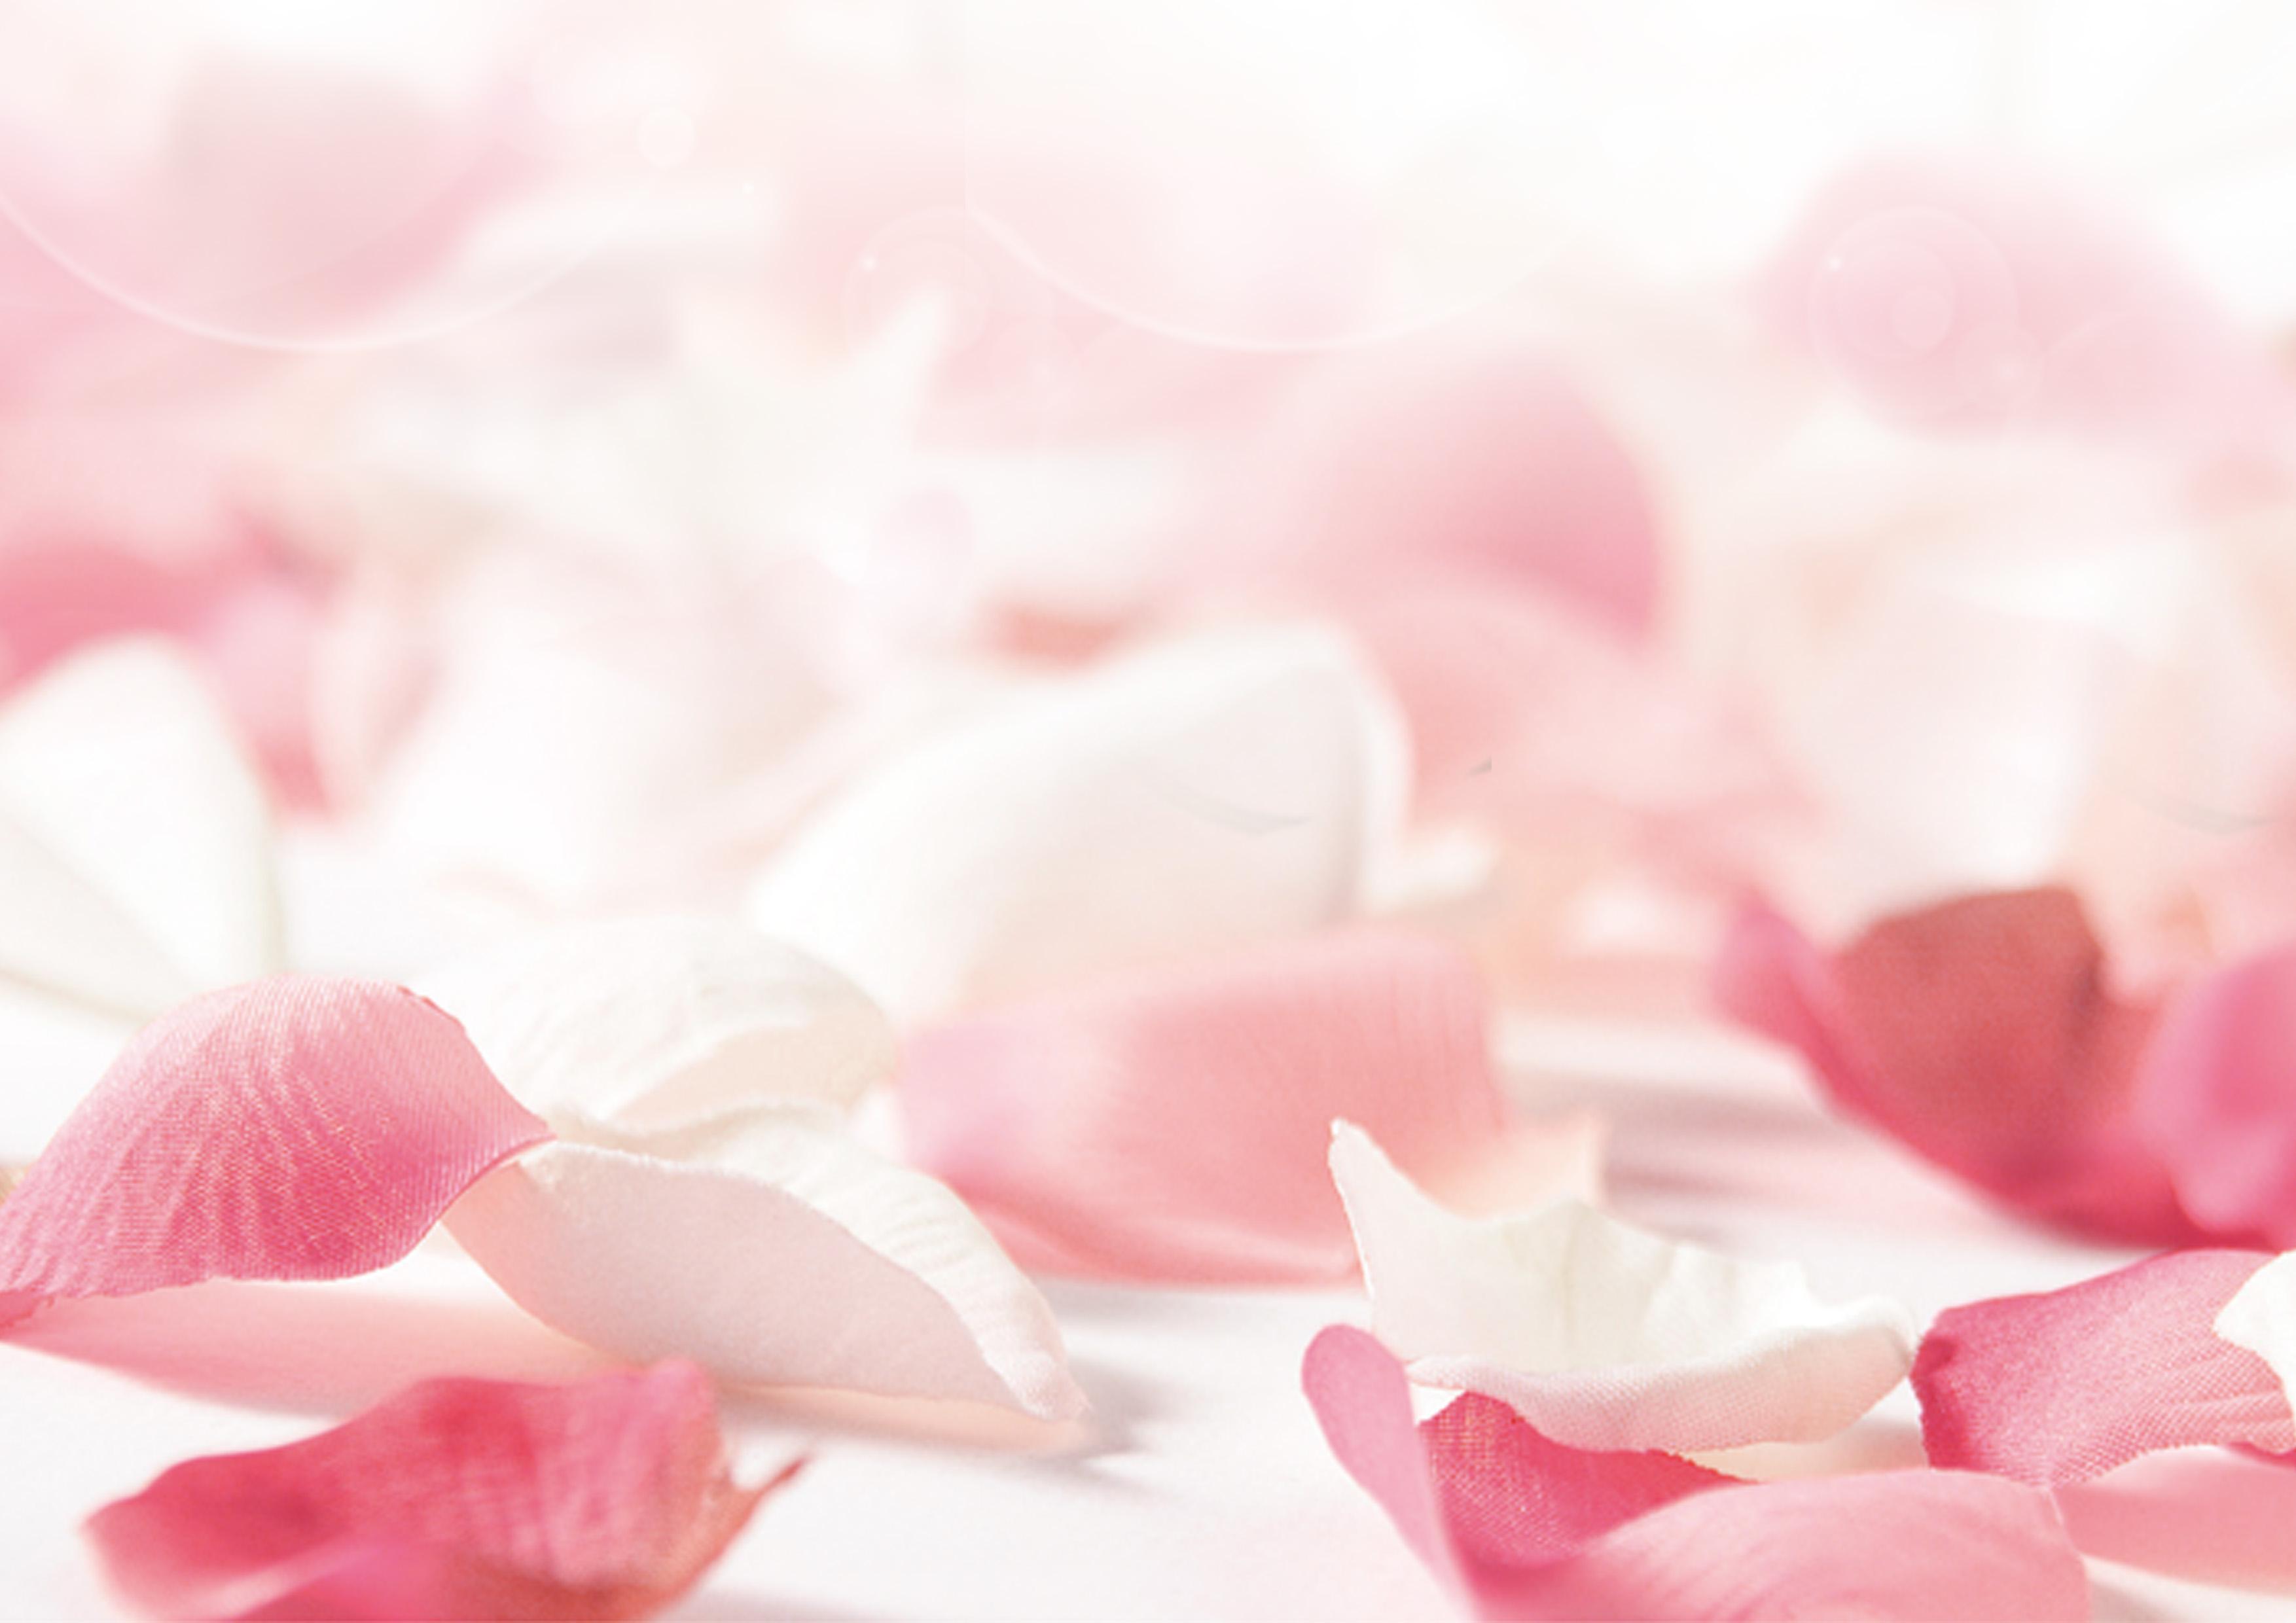 pink petal flower fondo rosa flores floral spa imagen de